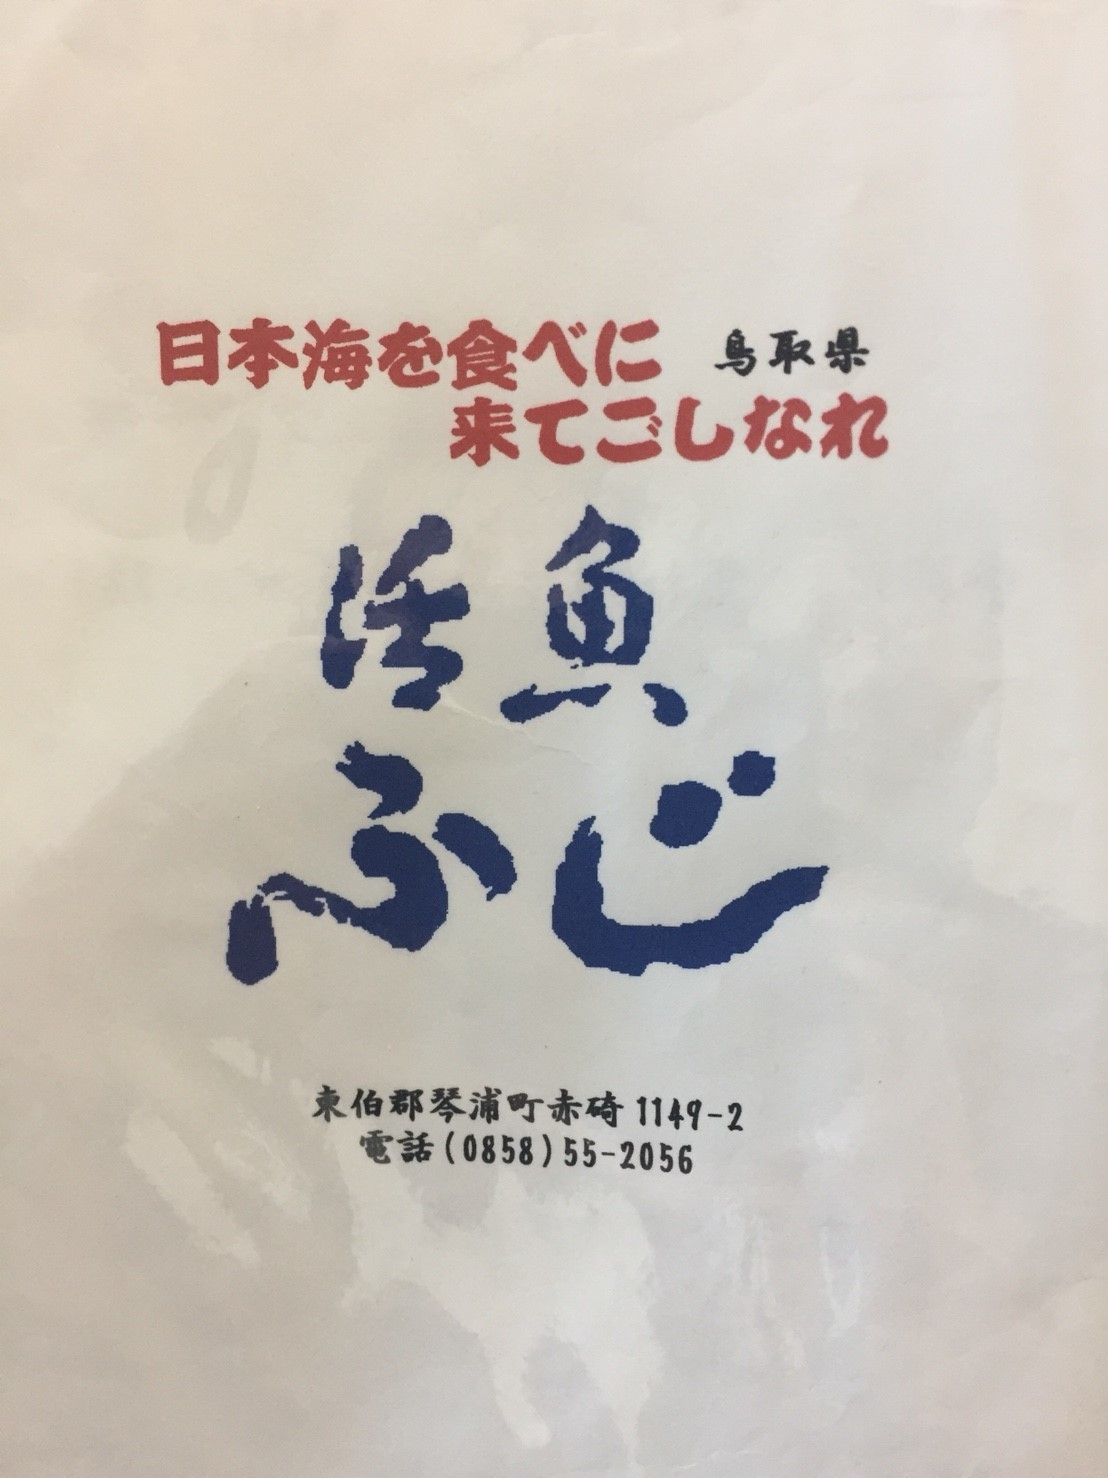 活魚 ふじ @赤碕_e0115904_08534566.jpg